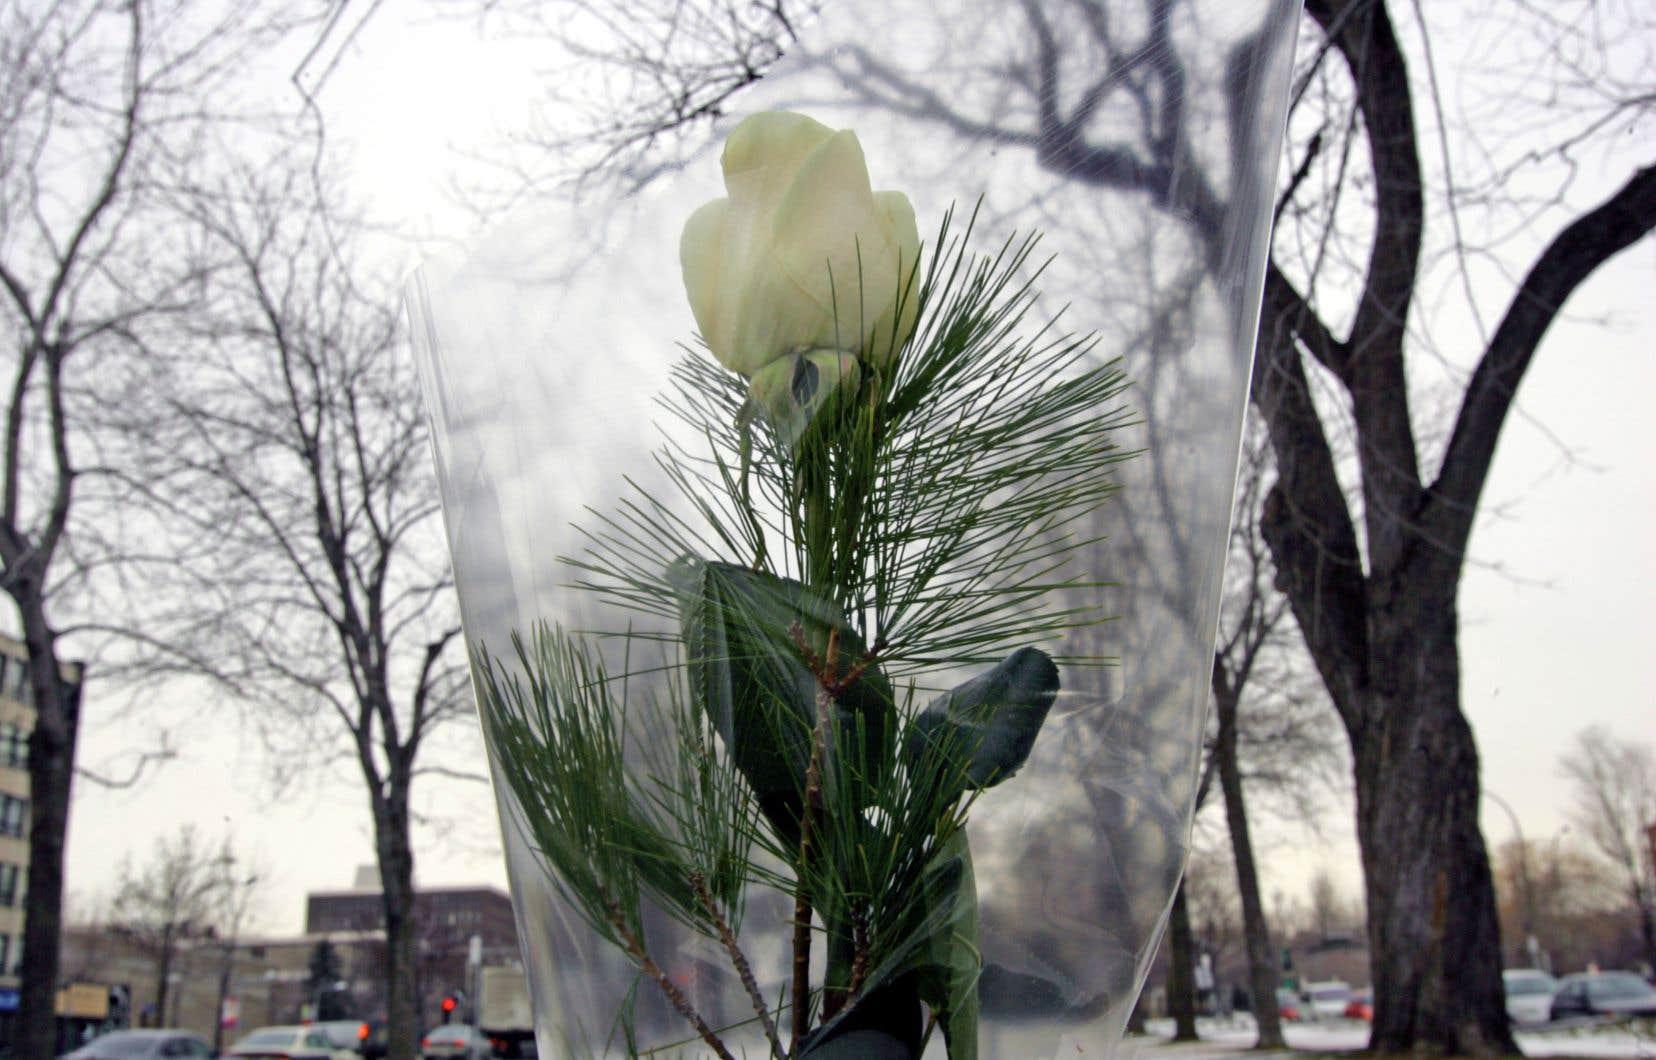 Des roses blanches ont été déposées sur chacune des sculptures de la place du 6-décembre-1989. Blanches comme le vide, comme le silence de la neige qui les recouvrira bientôt, écrit l'auteure.